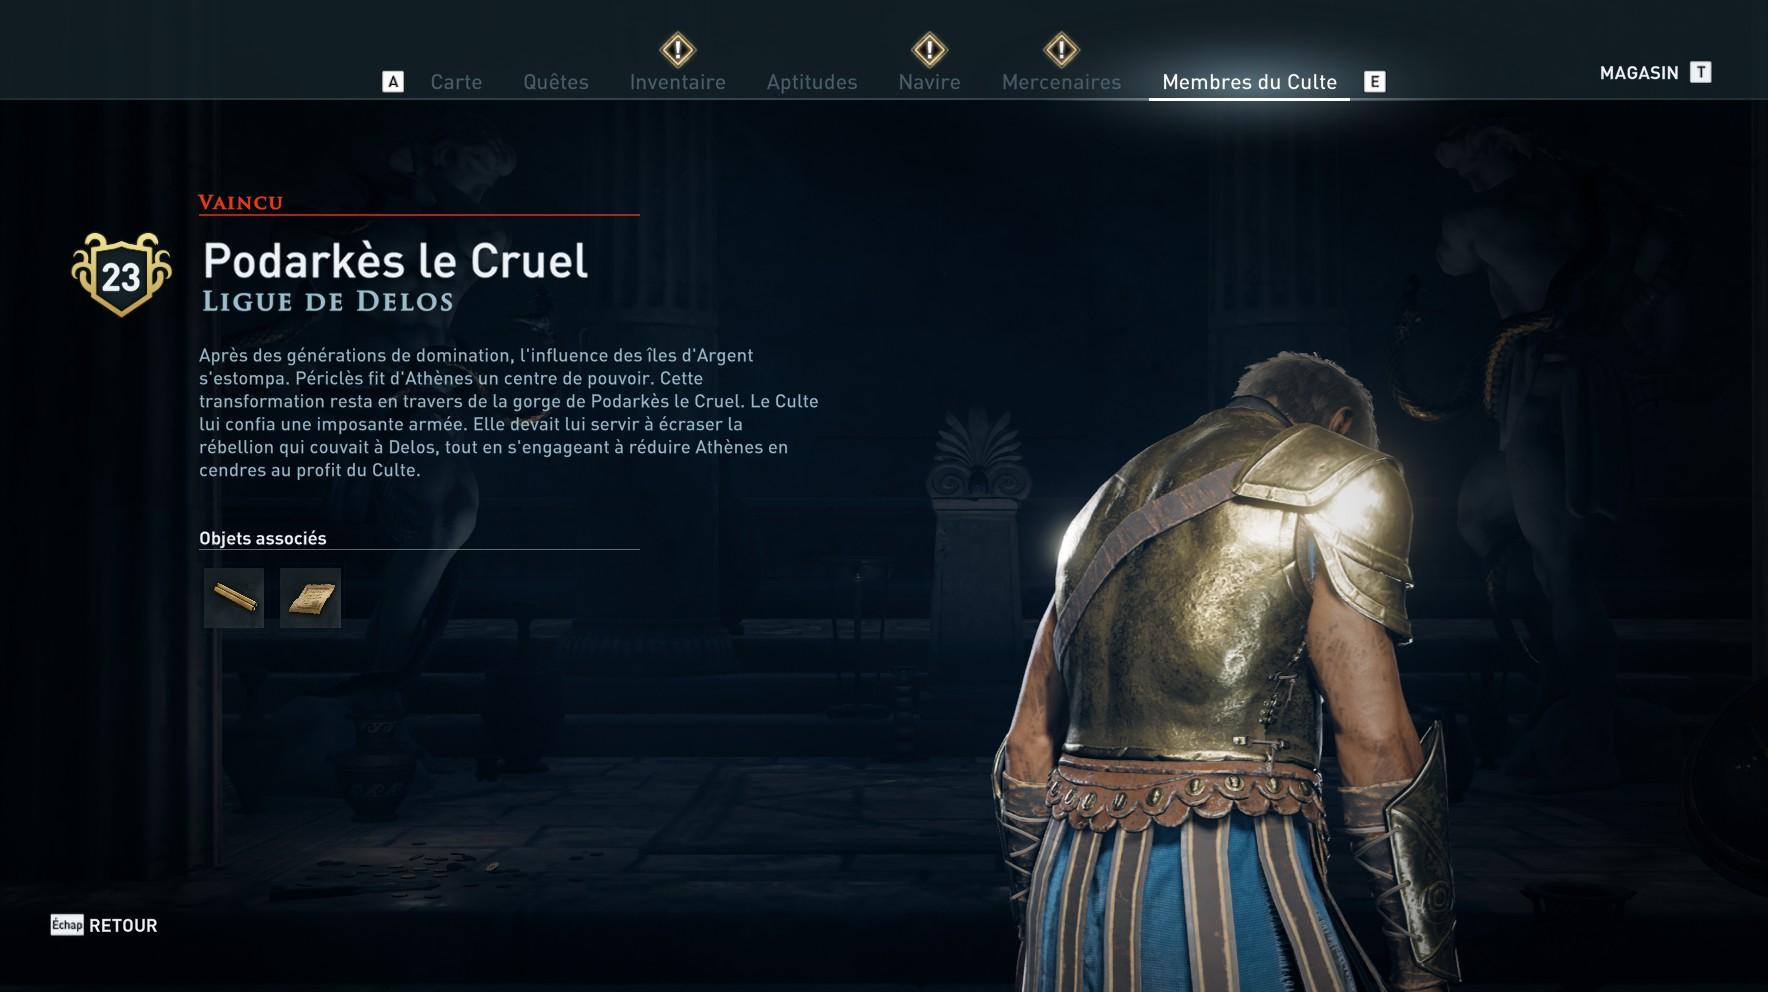 Assassin's Creed Odyssey trouver et tuer les adeptes du culte du Kosmos, ps4,, xbox one, pc, ubisoft, jeu vidéo, podarkes le cruel